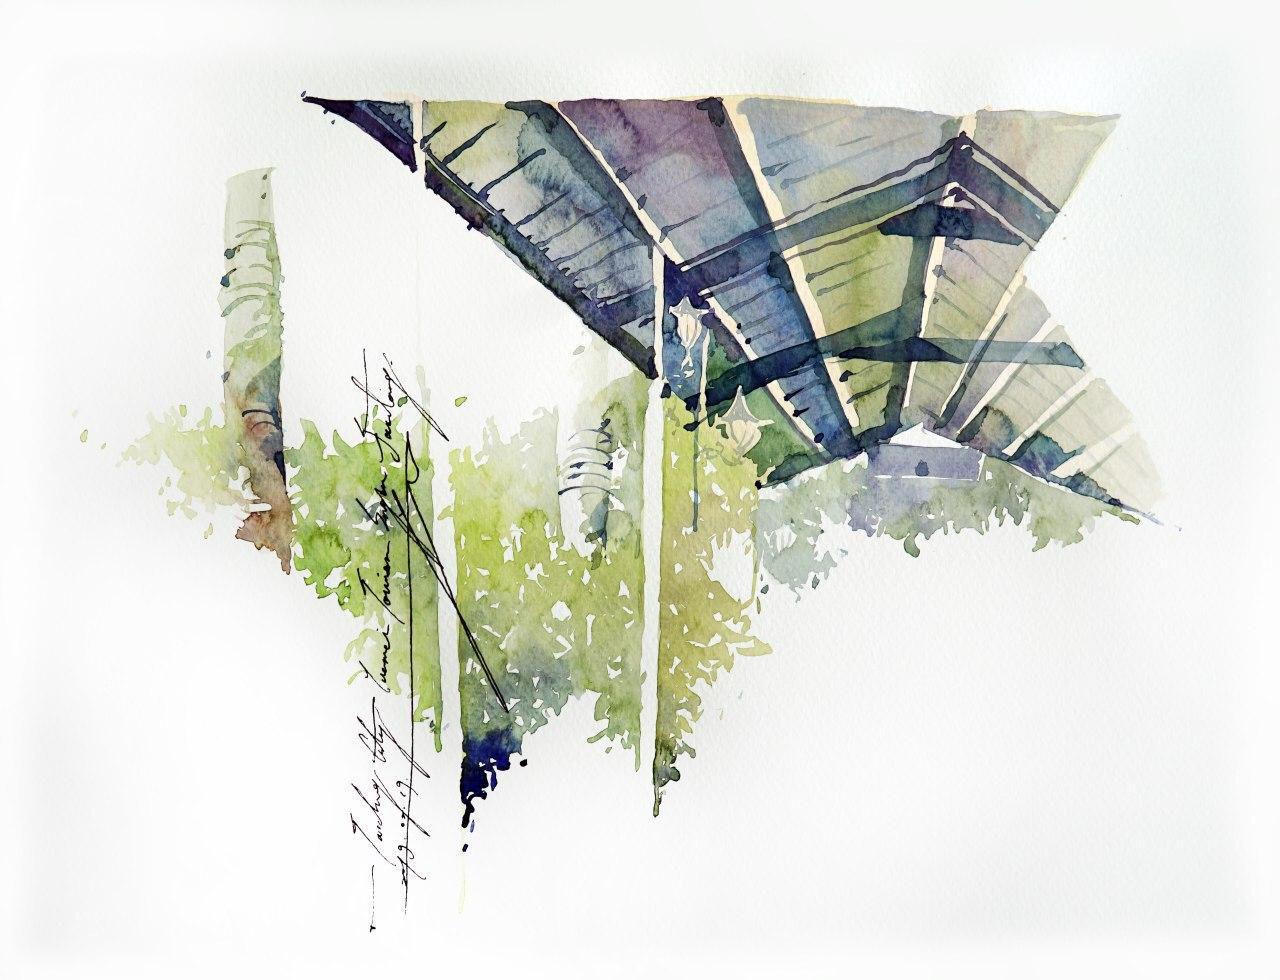 Онлайн-курс «Зарисовки путешествий» с тайваньской художницей Юджи Кай от ARTLIFE ACADEMY фото 4